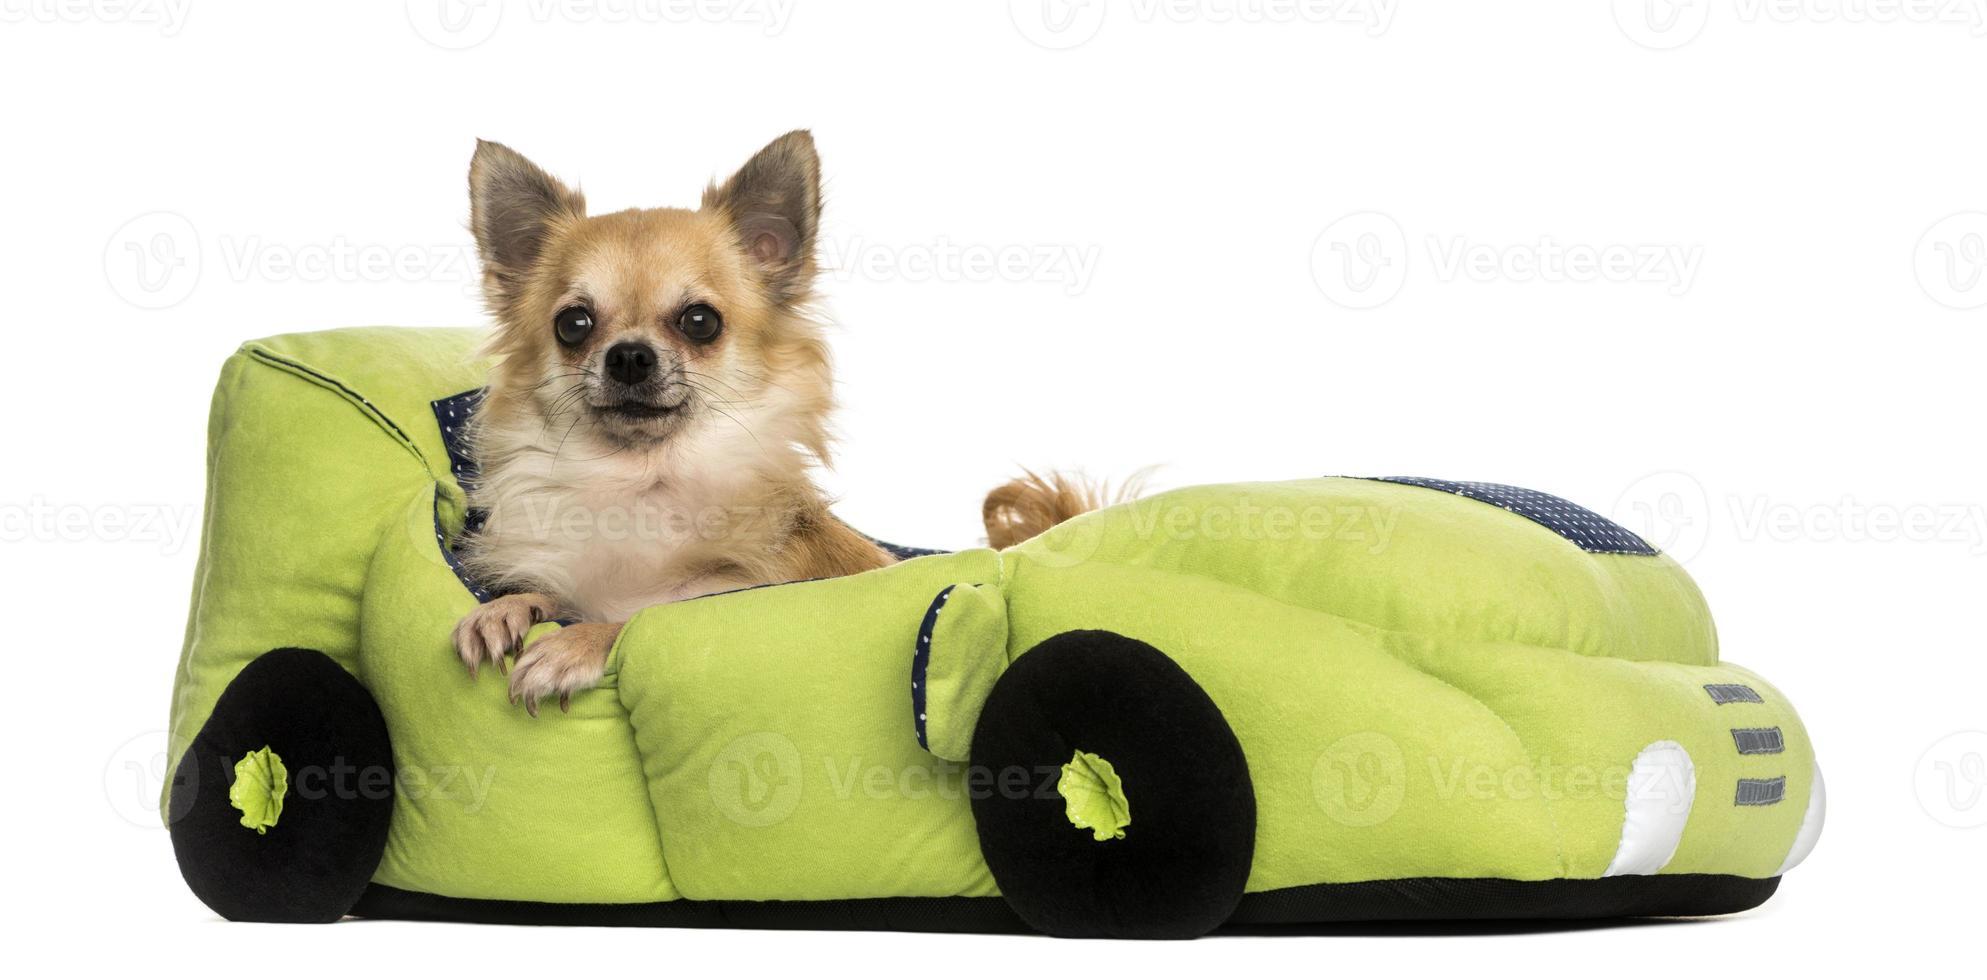 chihuahua em uma cama em forma de carro, isolado no branco foto